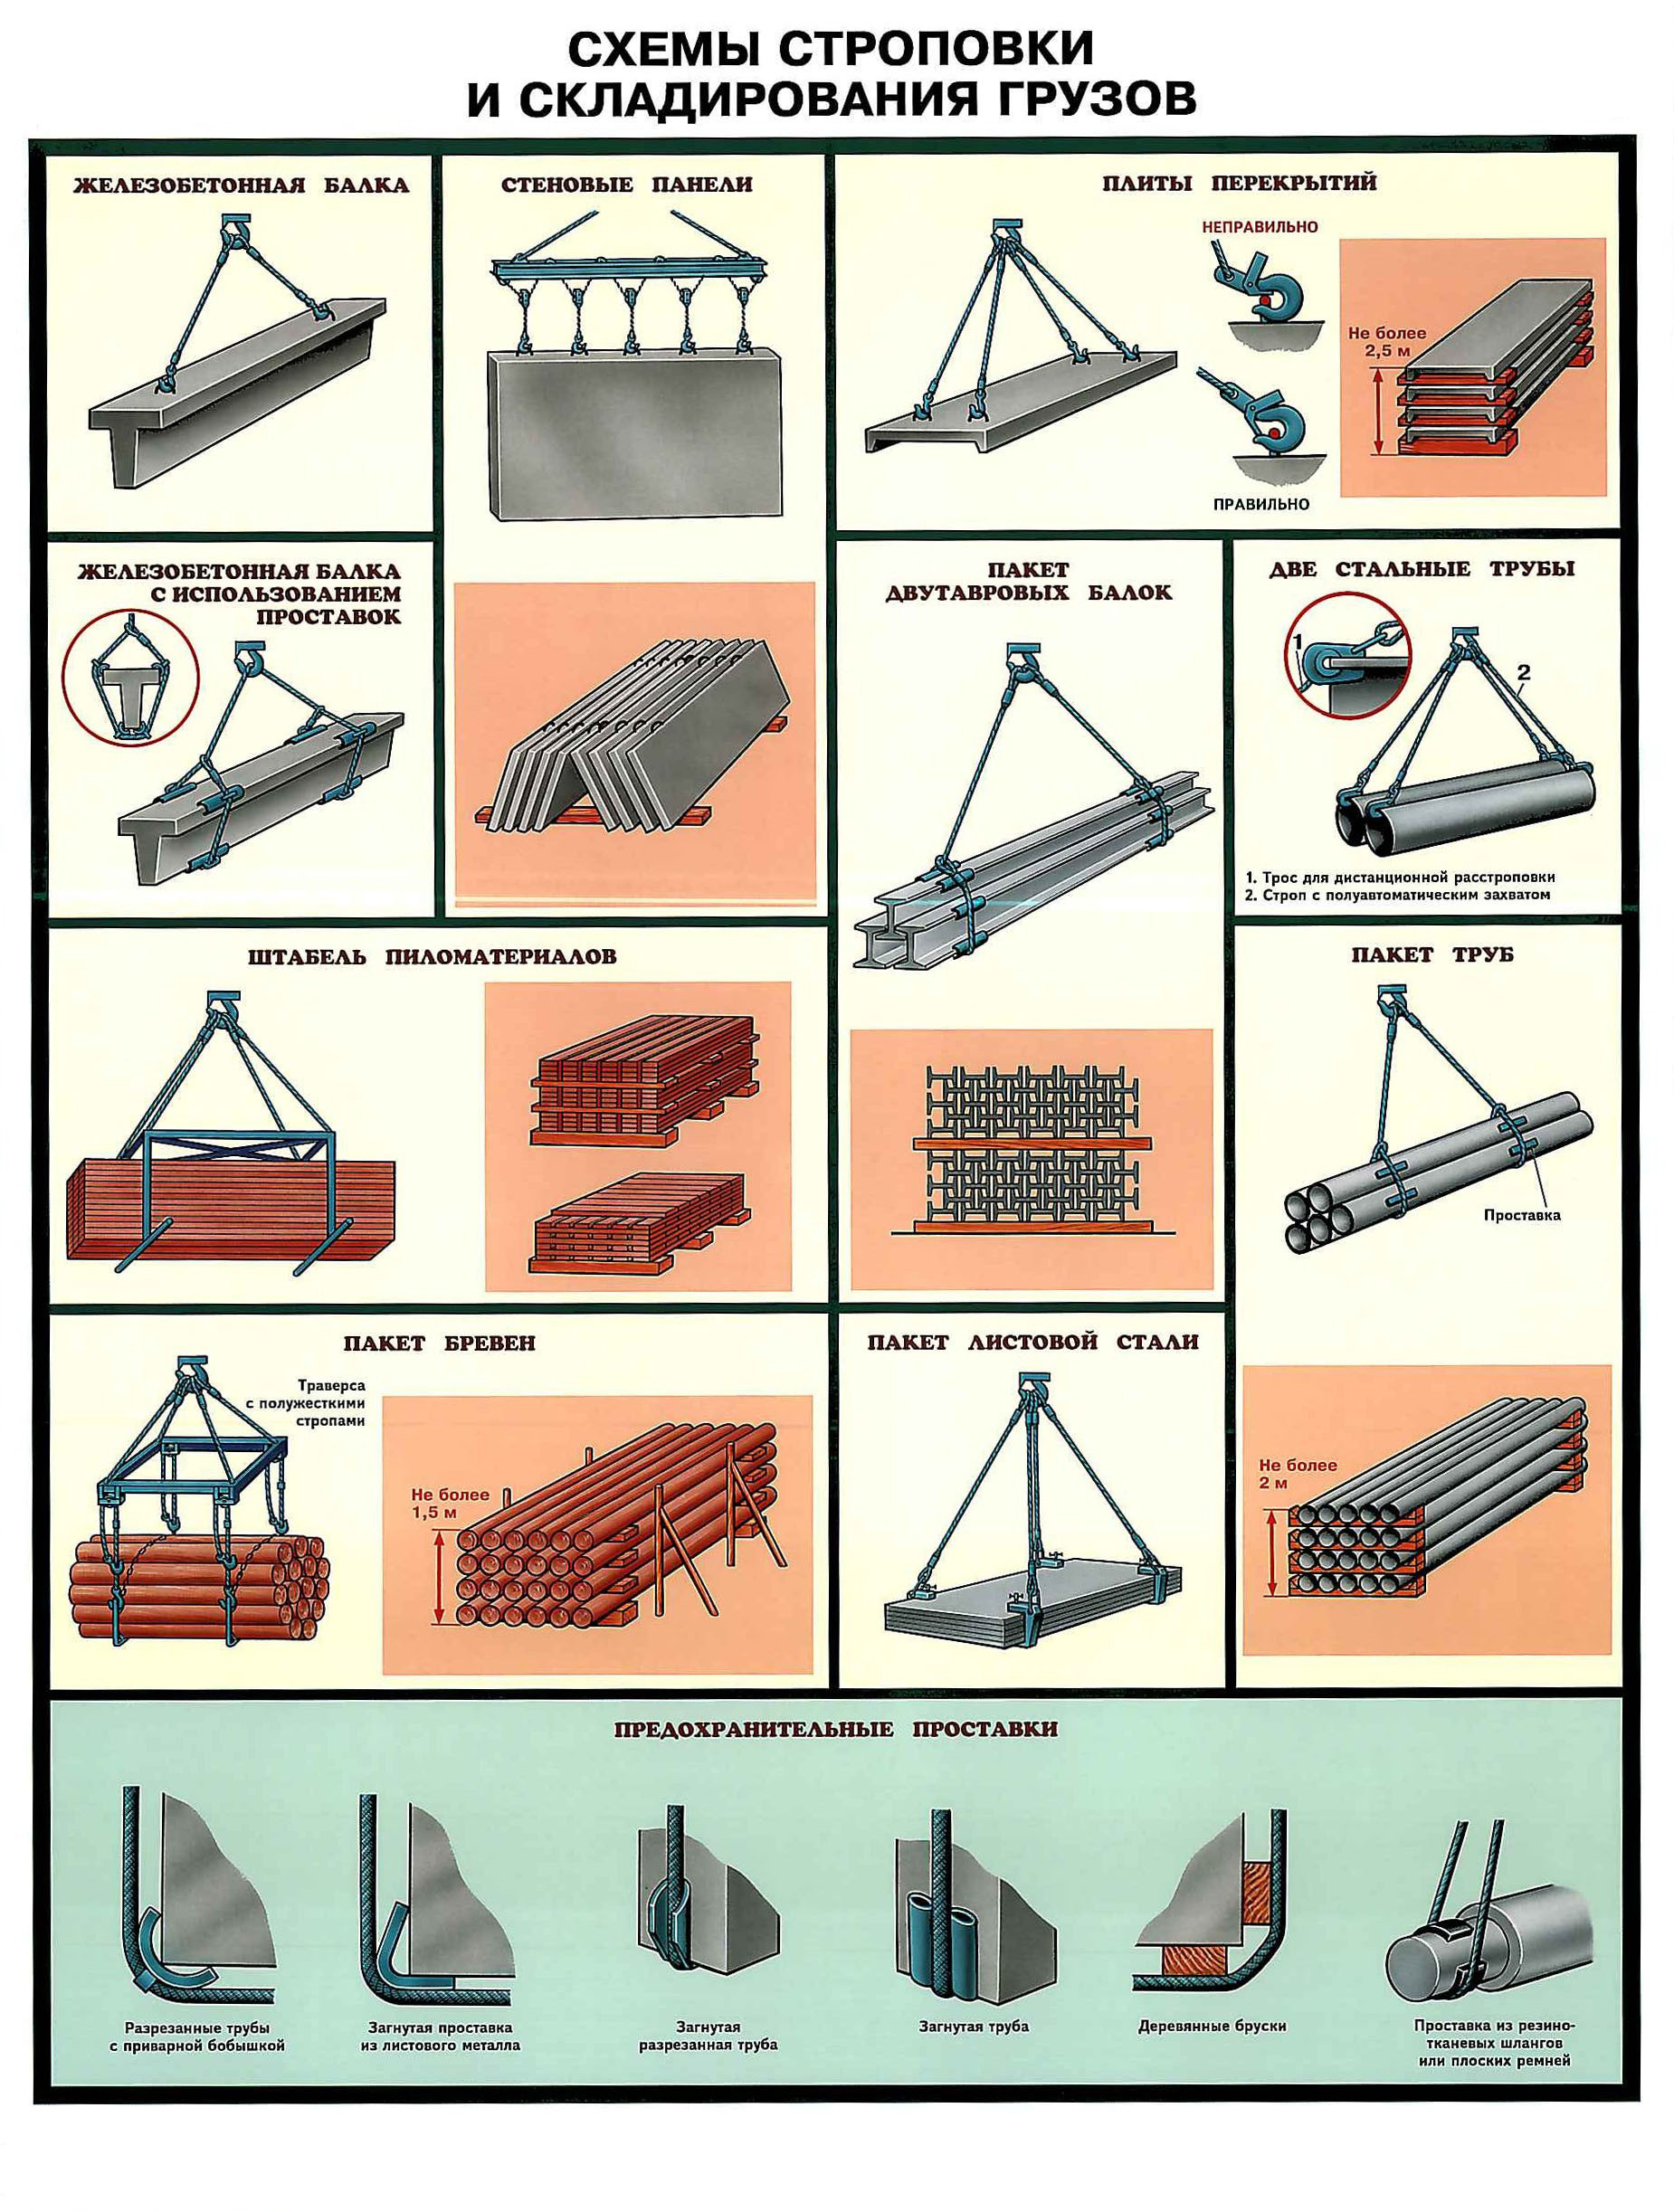 Типовые схемы строповки узлов